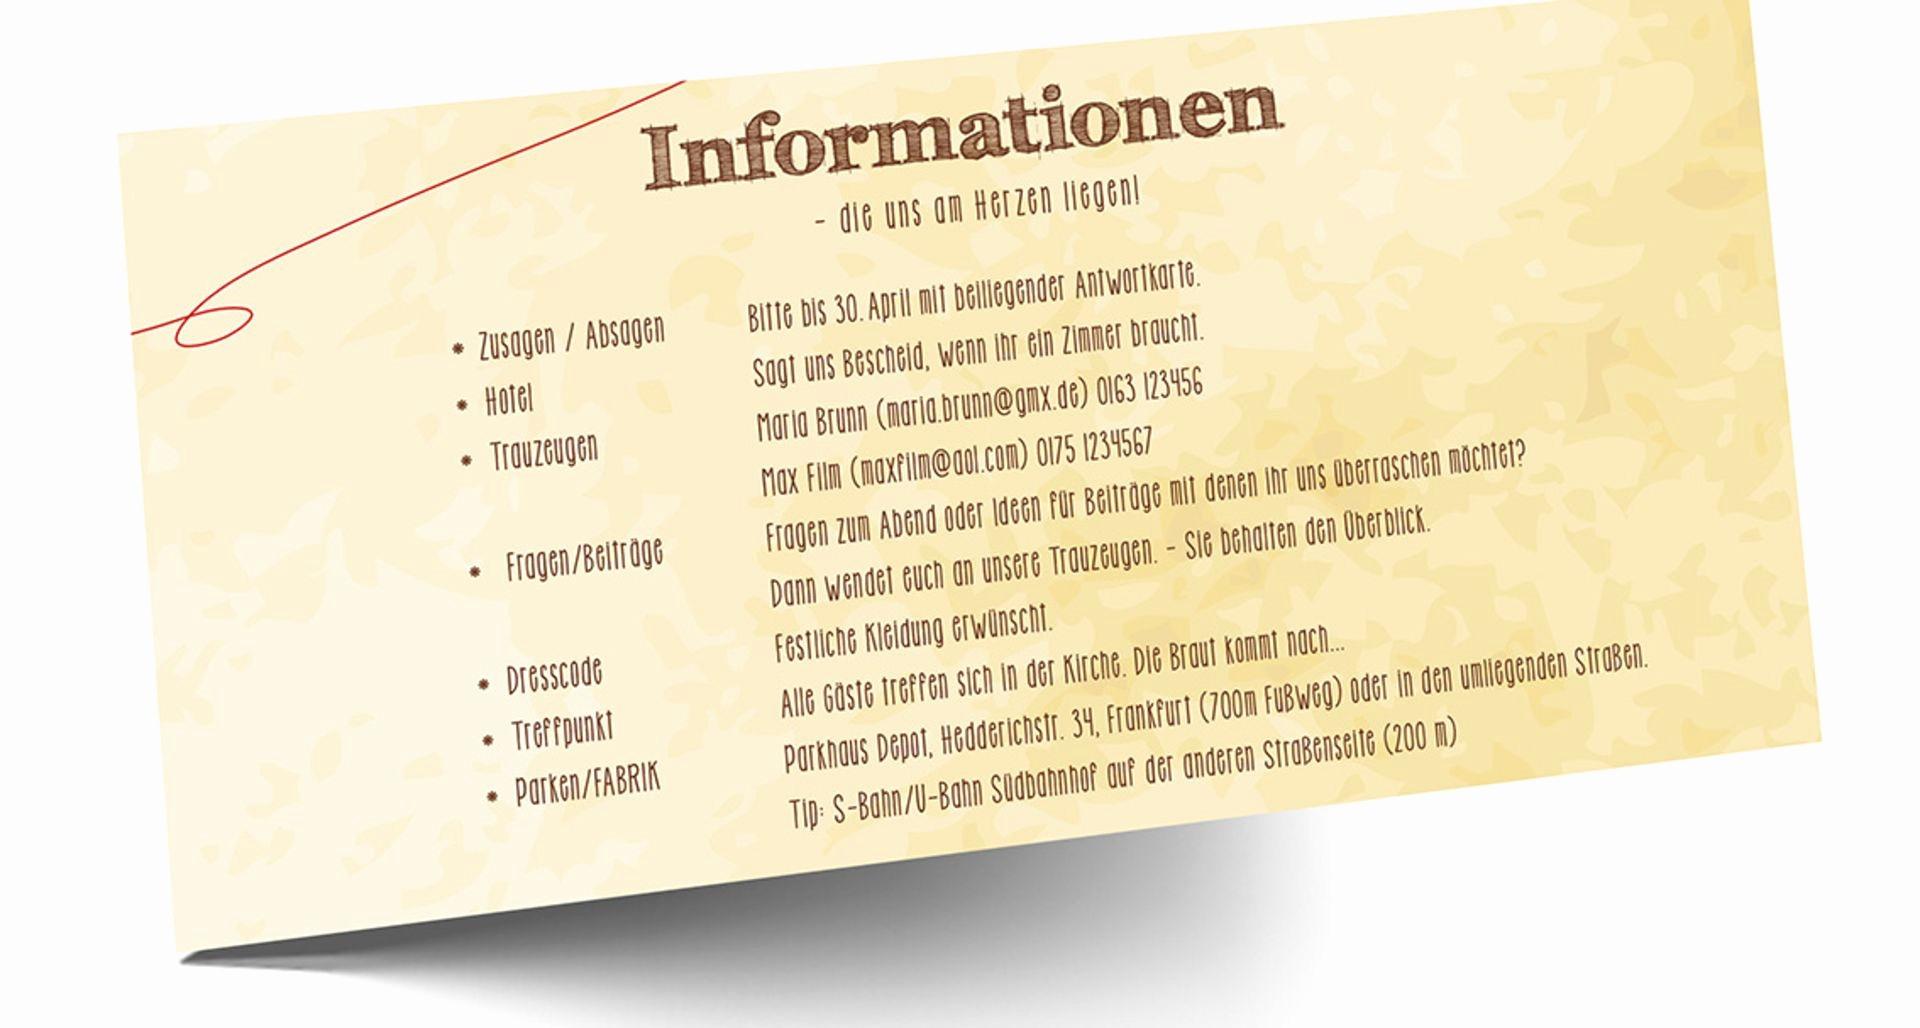 Dresscode Hochzeit Formulierung Genial 35 Tolle Text